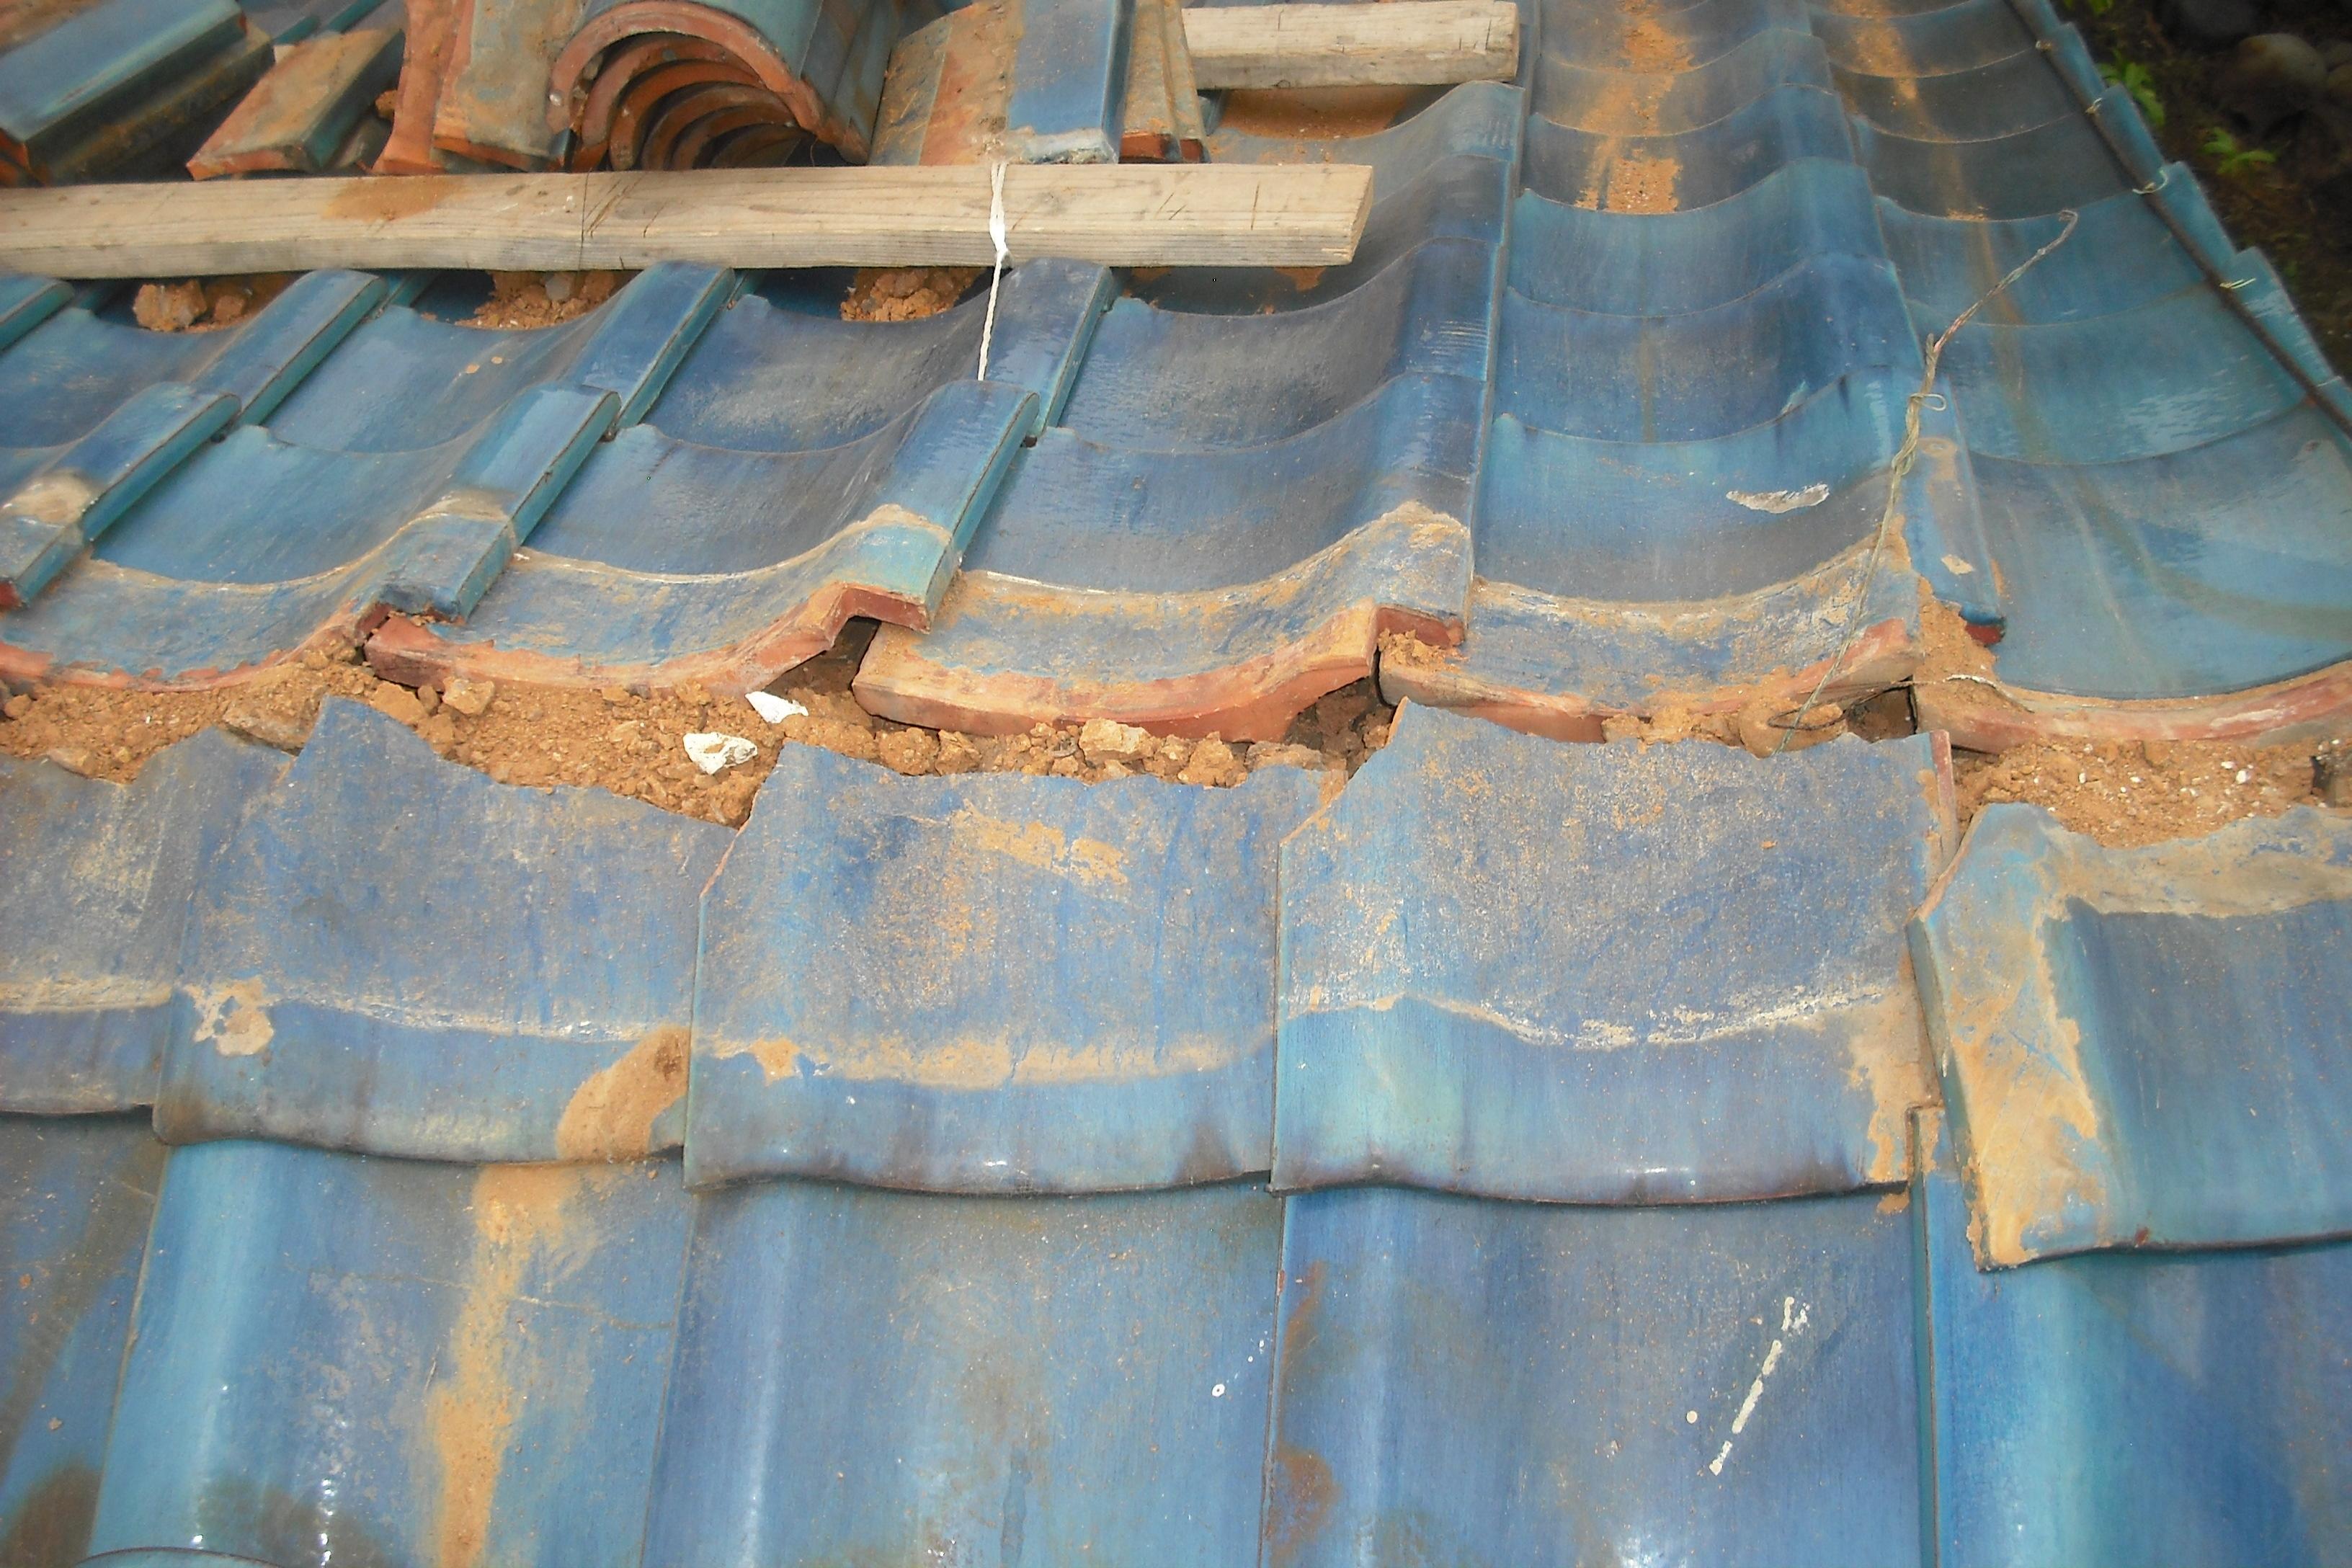 棟積み直し 屋根修理 青い瓦 清須